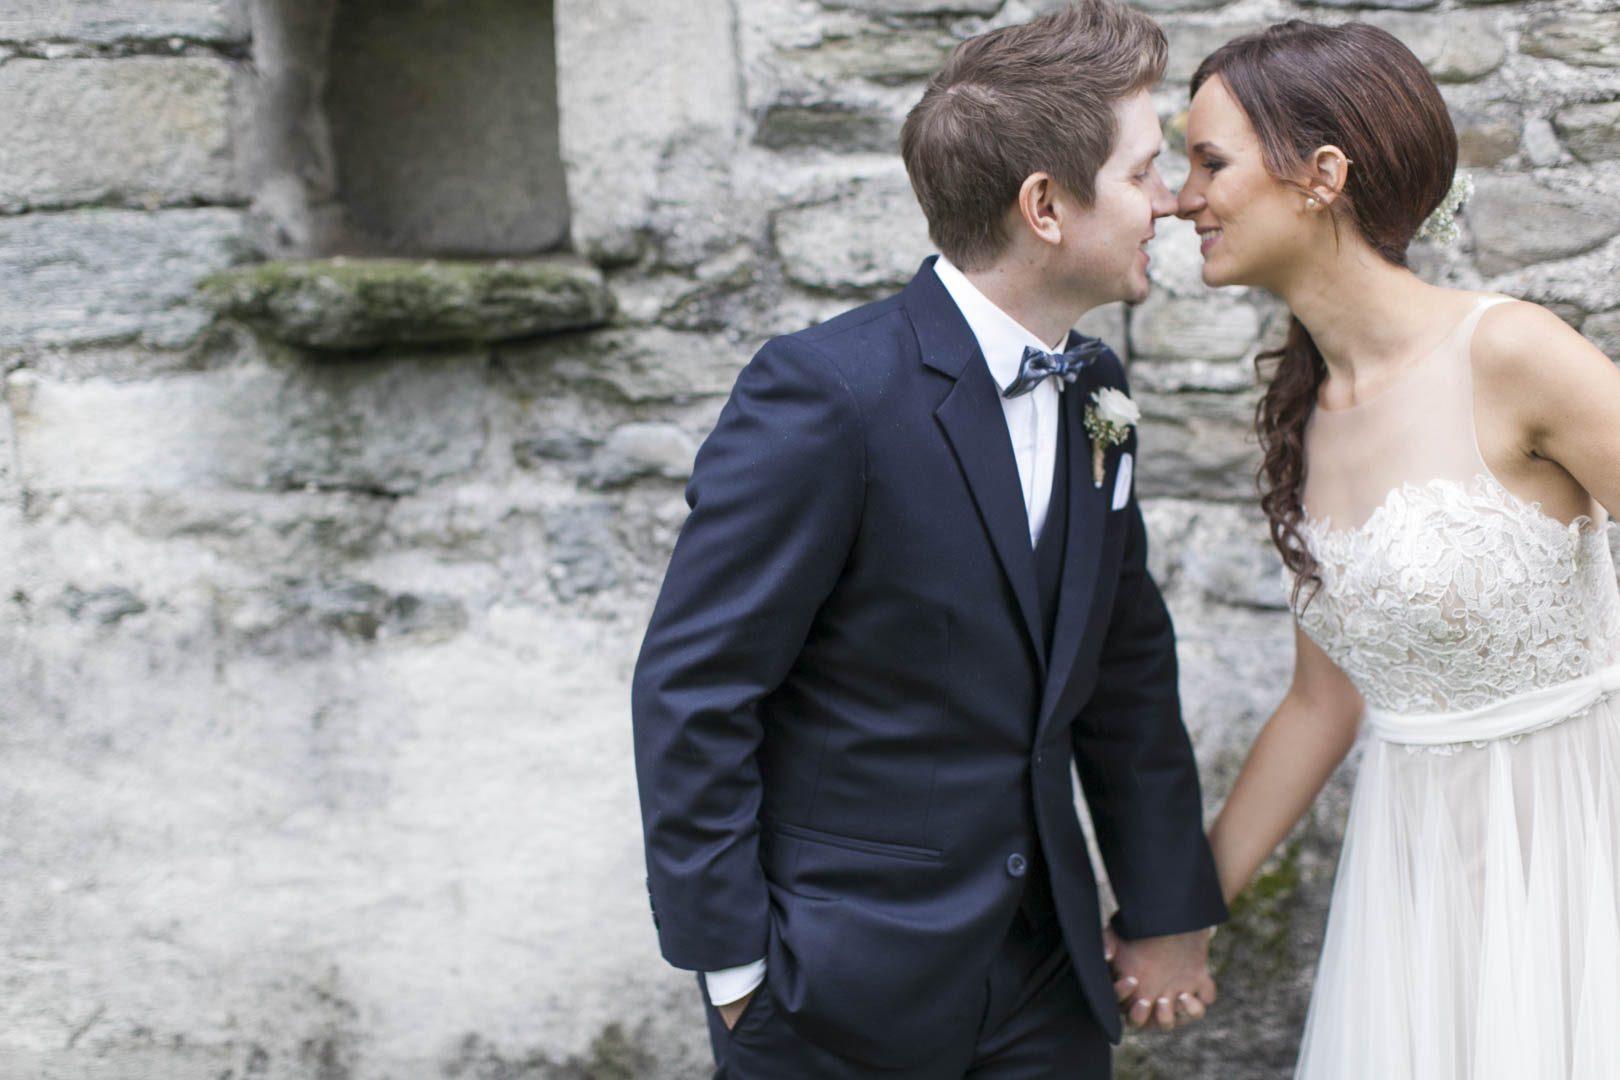 Hochzeit The Wedding Day Photography